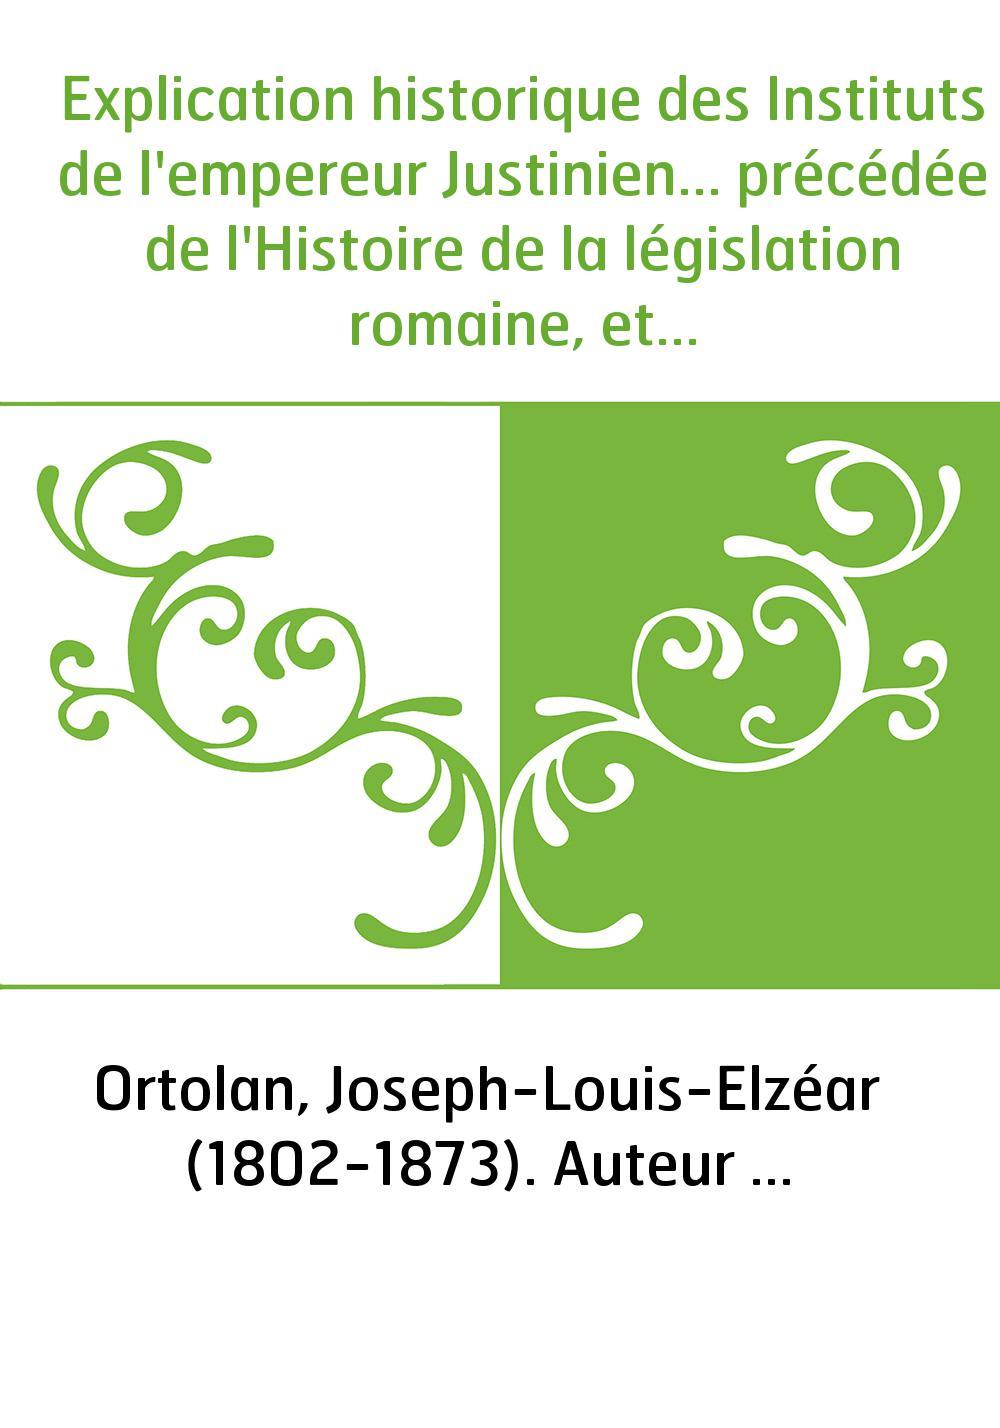 Explication historique des Instituts de l'empereur Justinien... précédée de l'Histoire de la législation romaine, et d'une Génér